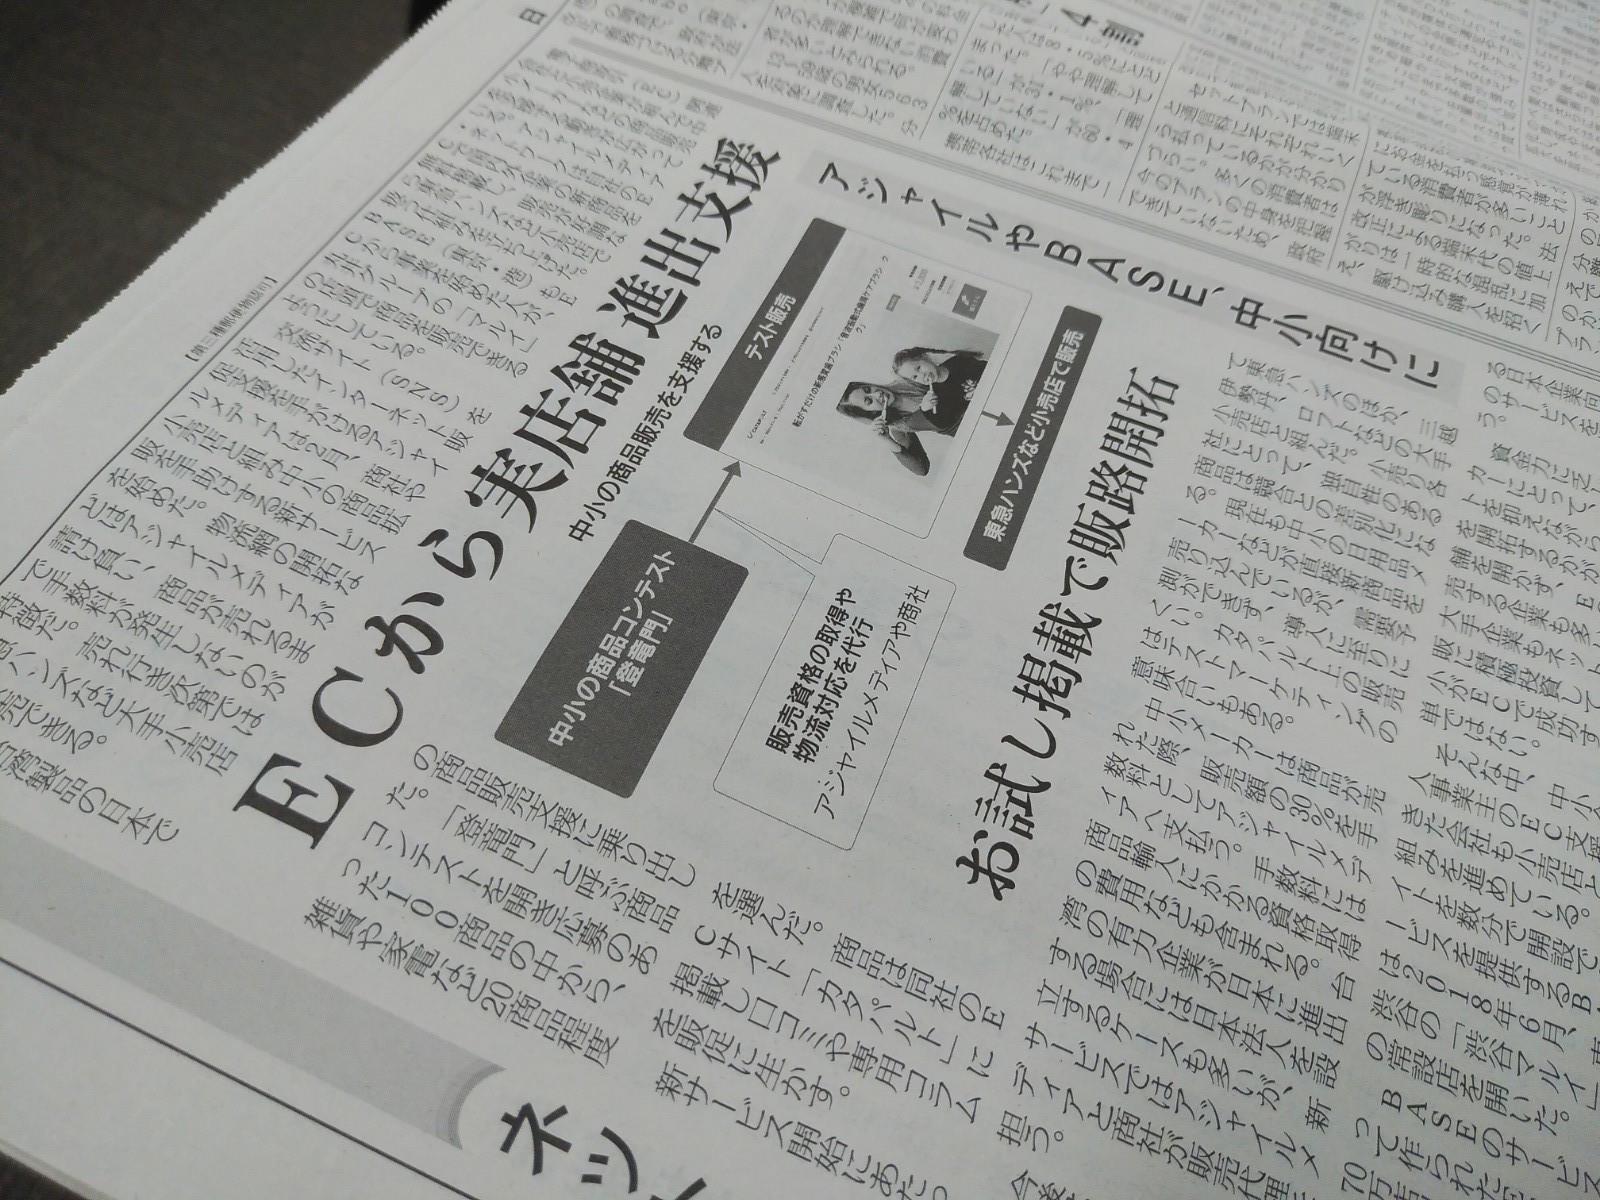 弊社のCATAPULT(カタパルト)の取り組みが日経産業新聞に掲載されました。